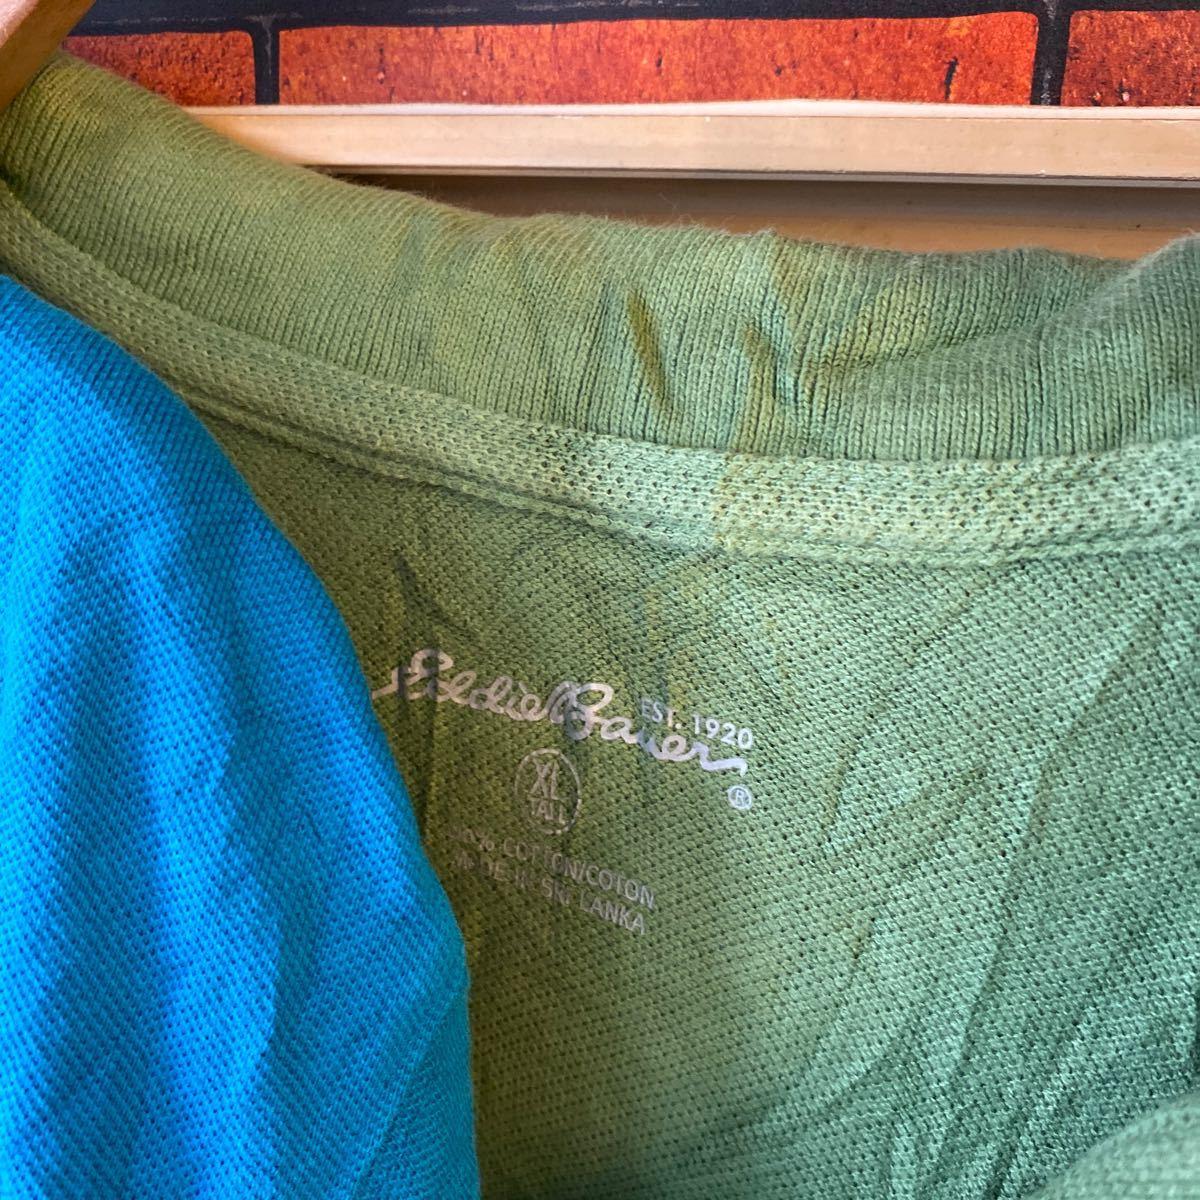 1円スタート ポロシャツ クールビズ まとめ売り 大量セット 6枚セット ワーク スタッフ アメリカ古着 XL _画像8